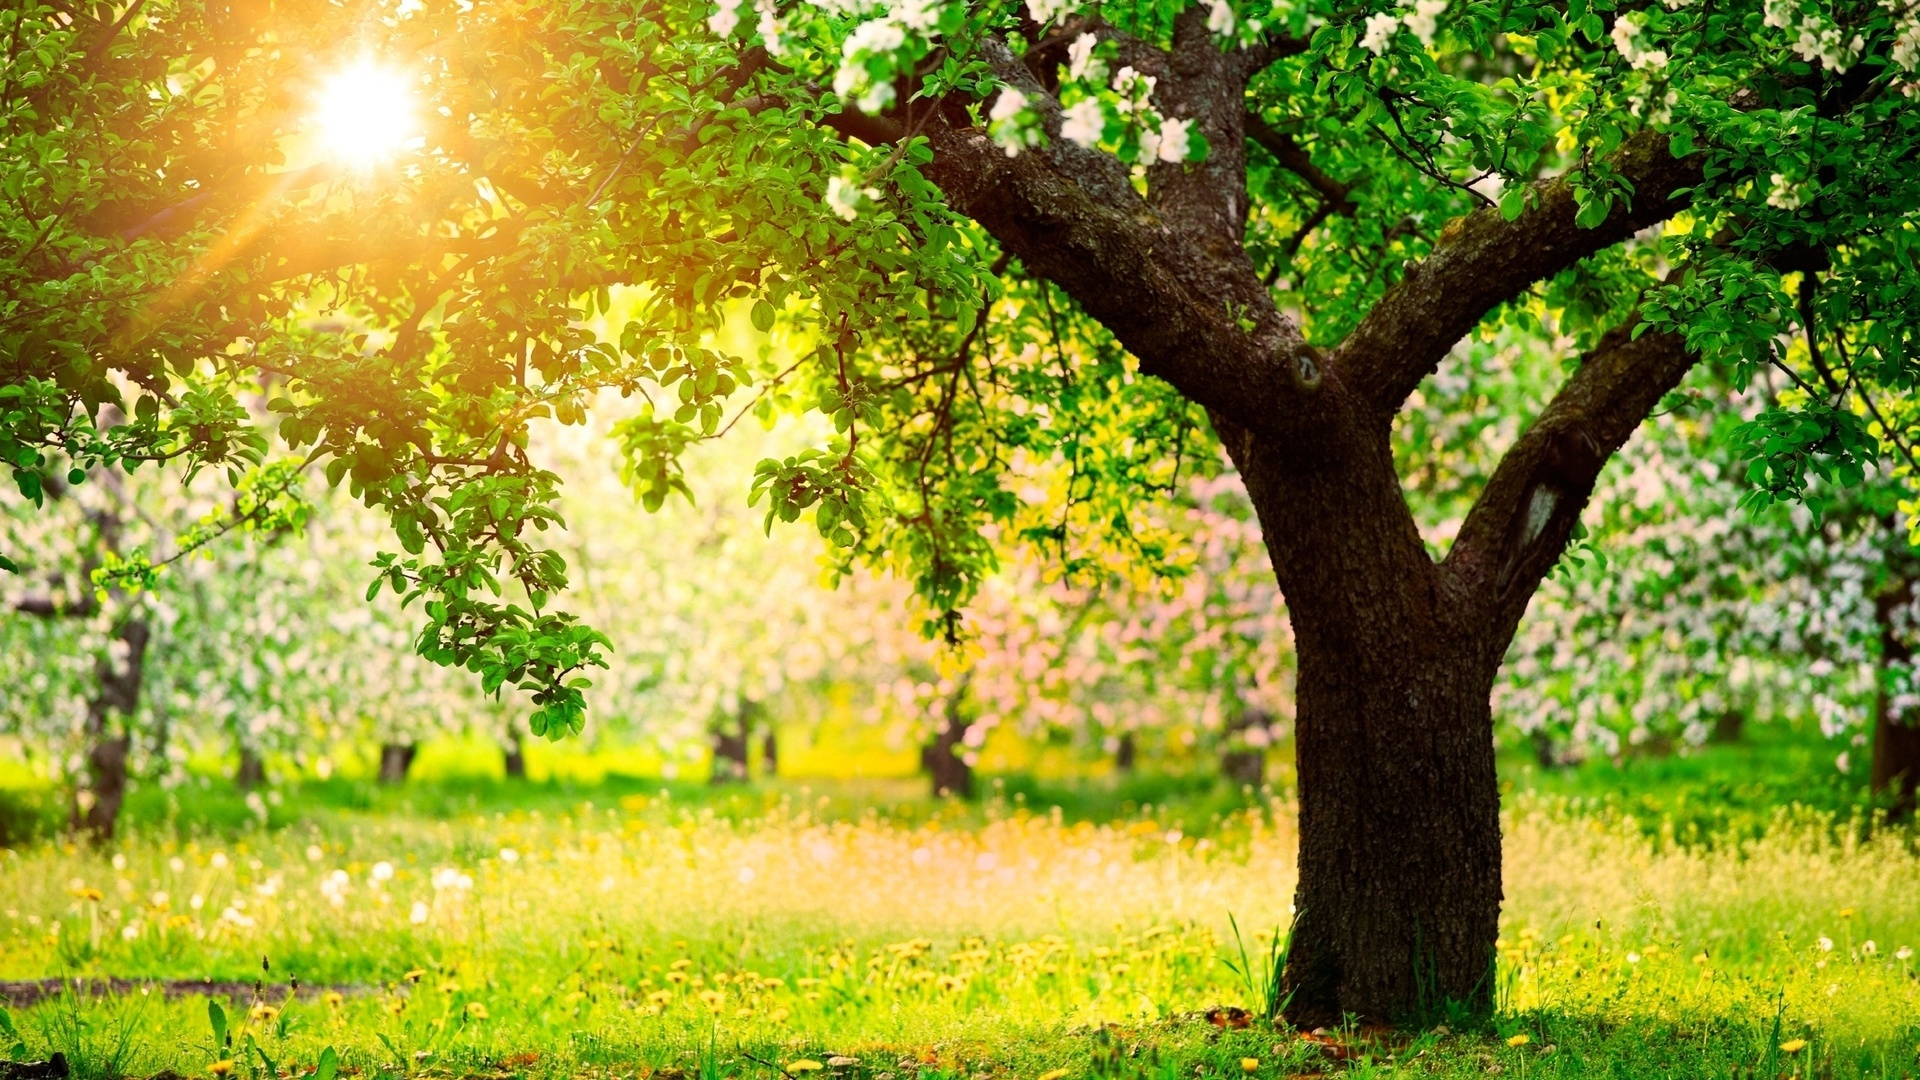 Картинки с деревьями весна